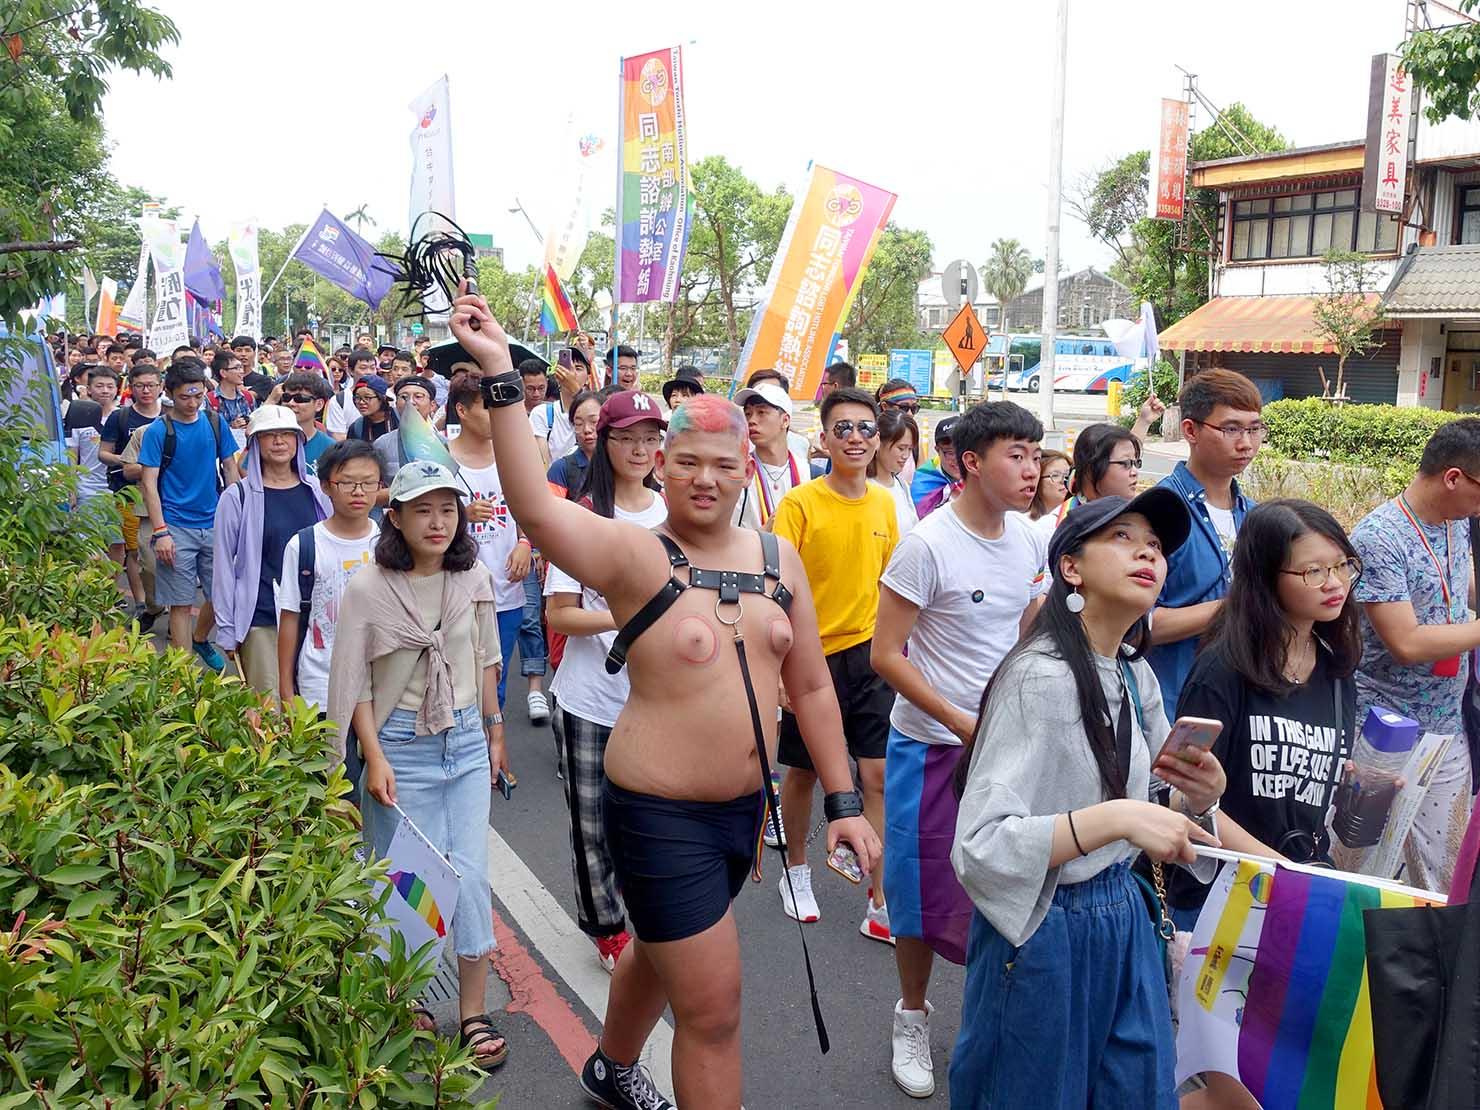 2018年台湾のLGBTプライド「宜蘭驕傲大遊行(宜蘭プライド)」パレードを歩く参加者たち